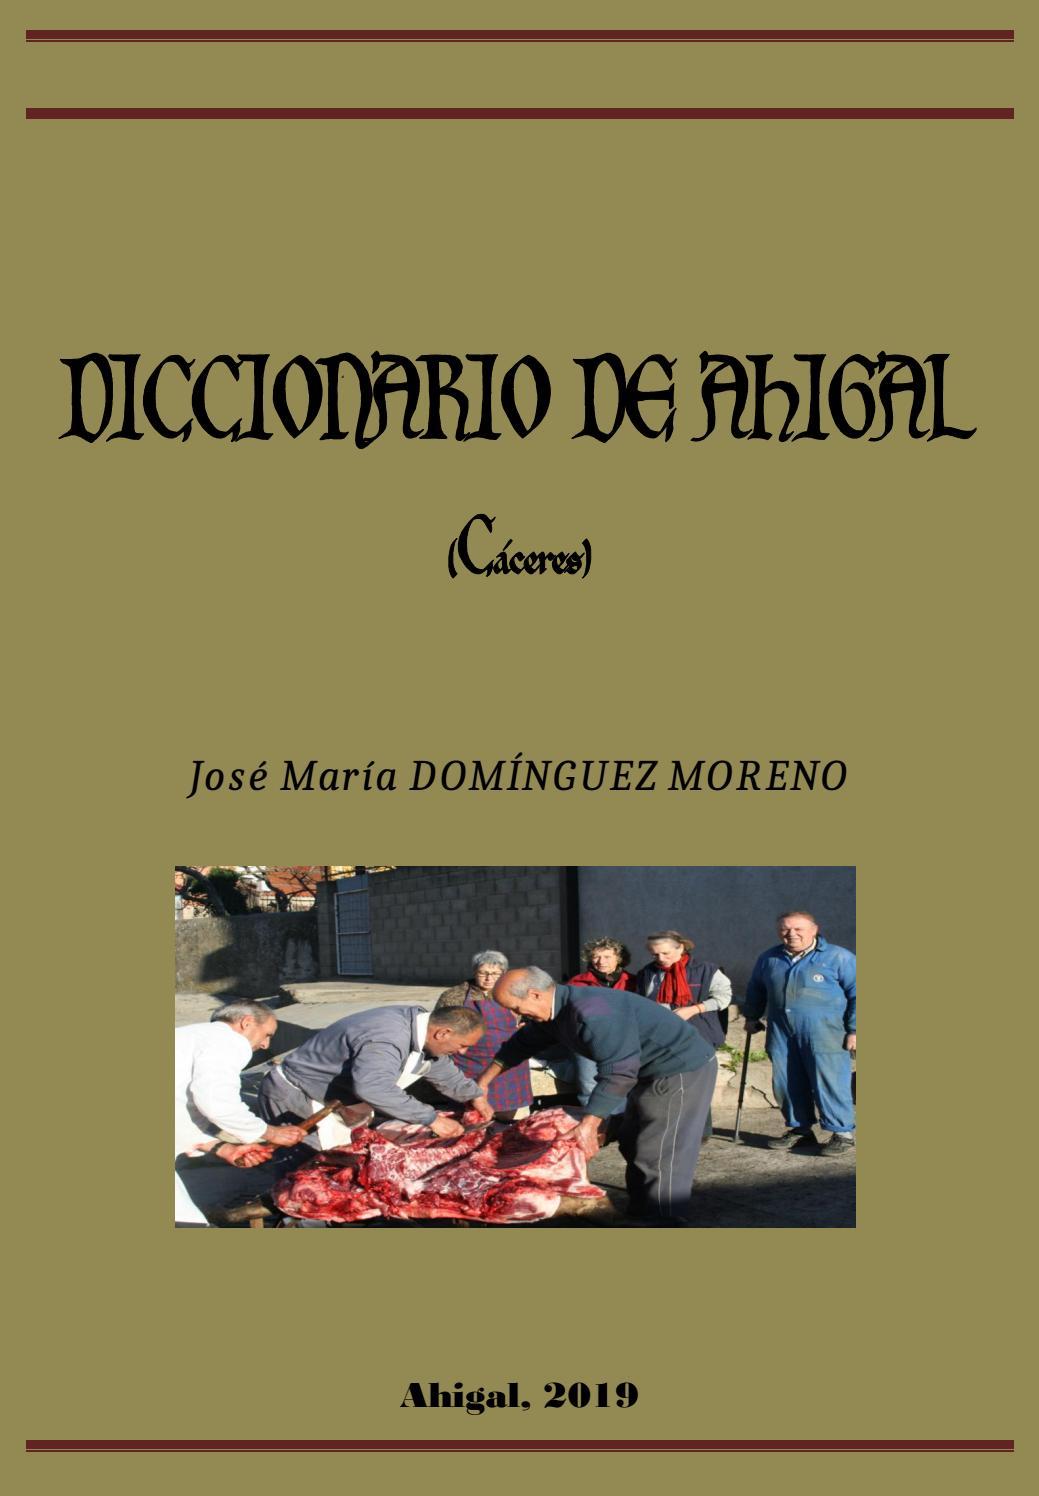 d7b5b69d8 Diccionario de Ahigal (Cáceres) por José María Domínguez Moreno by ...